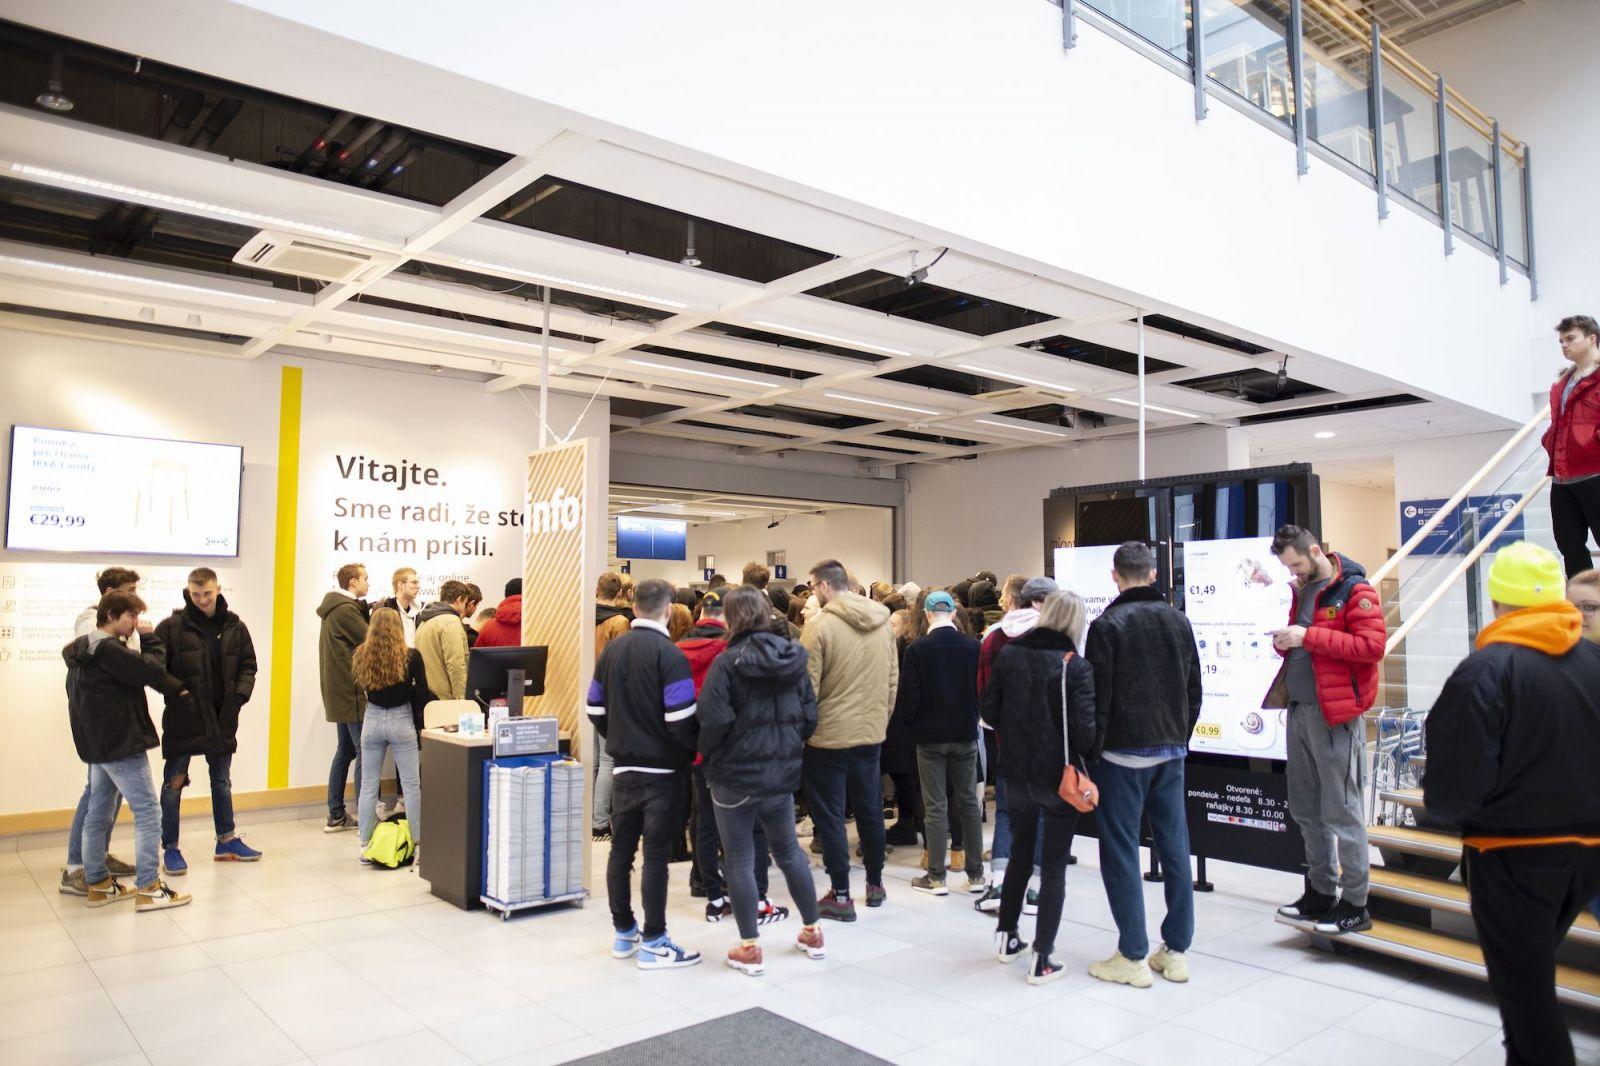 Šialenstvo v bratislavskej predajni IKEA. Na koberce od Virgila Abloha čakali desiatky ľudí už od rána (Report)